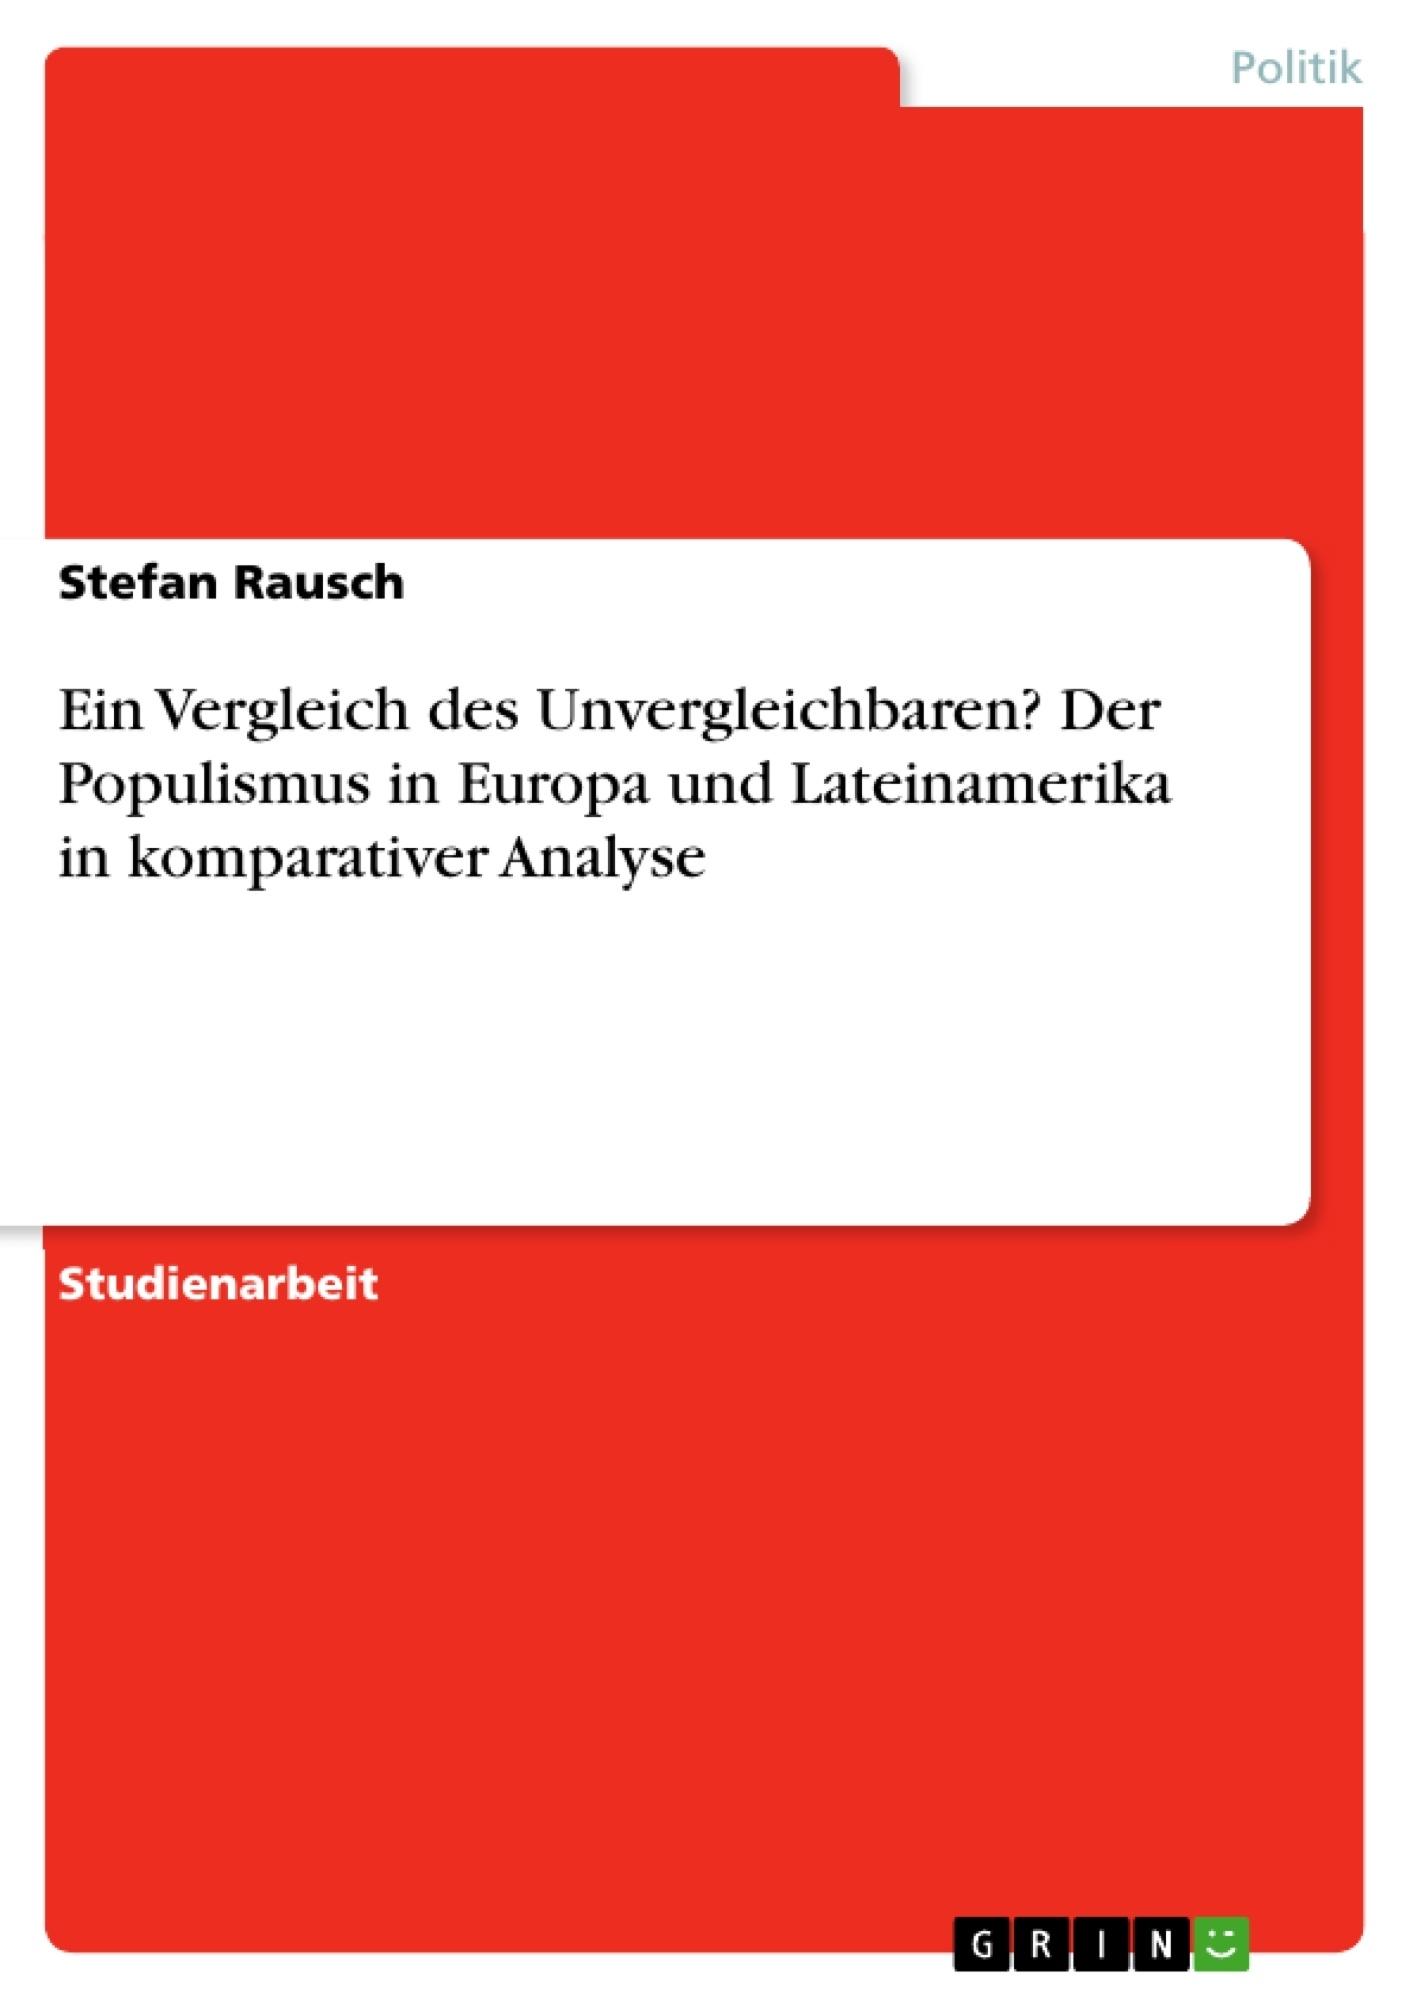 Titel: Ein Vergleich des Unvergleichbaren? Der Populismus in Europa und Lateinamerika in komparativer Analyse